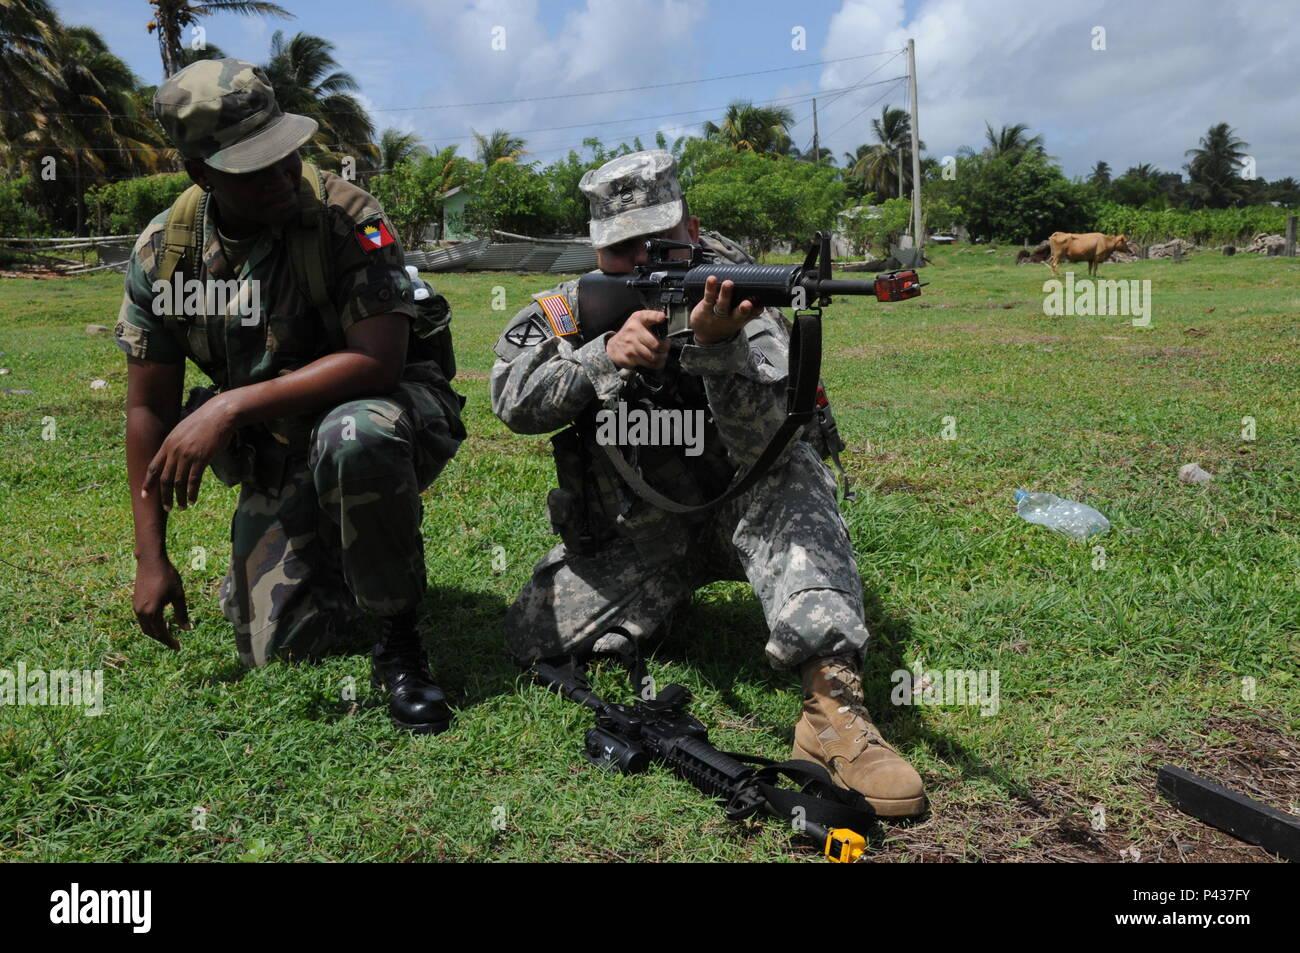 Hermosa Reanudar Muestra Para Experiencia Militar Embellecimiento ...